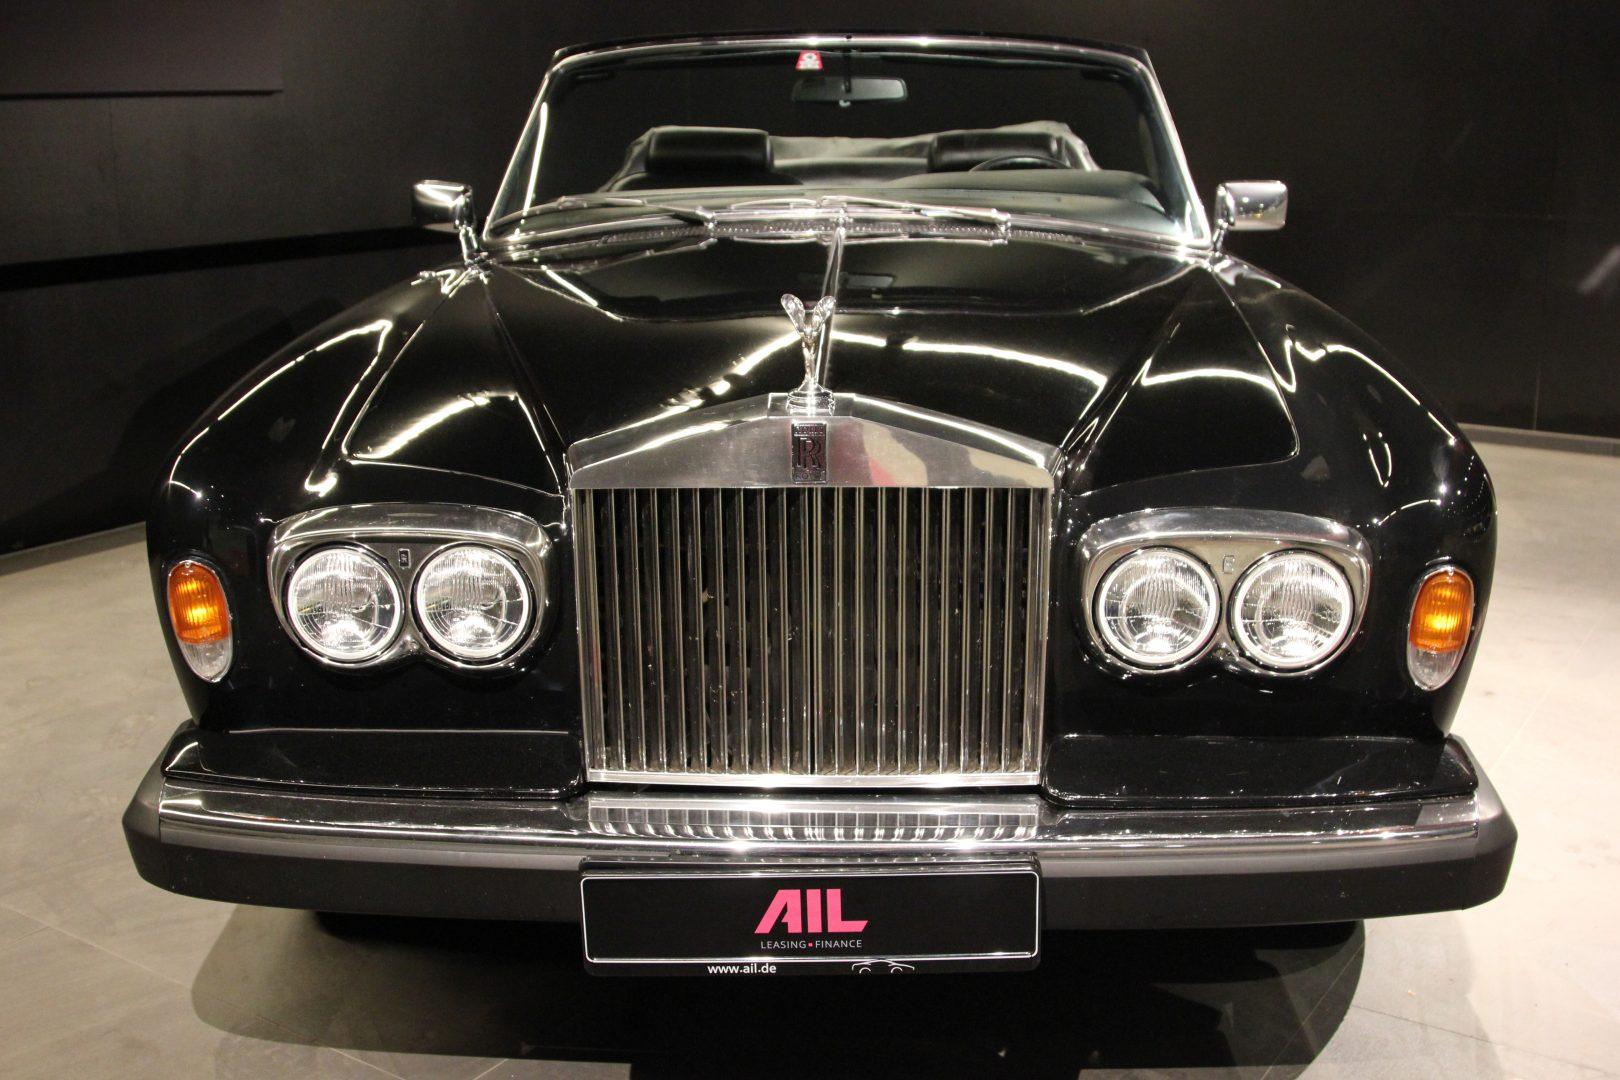 AIL Rolls Royce Corniche I Cabrio  1